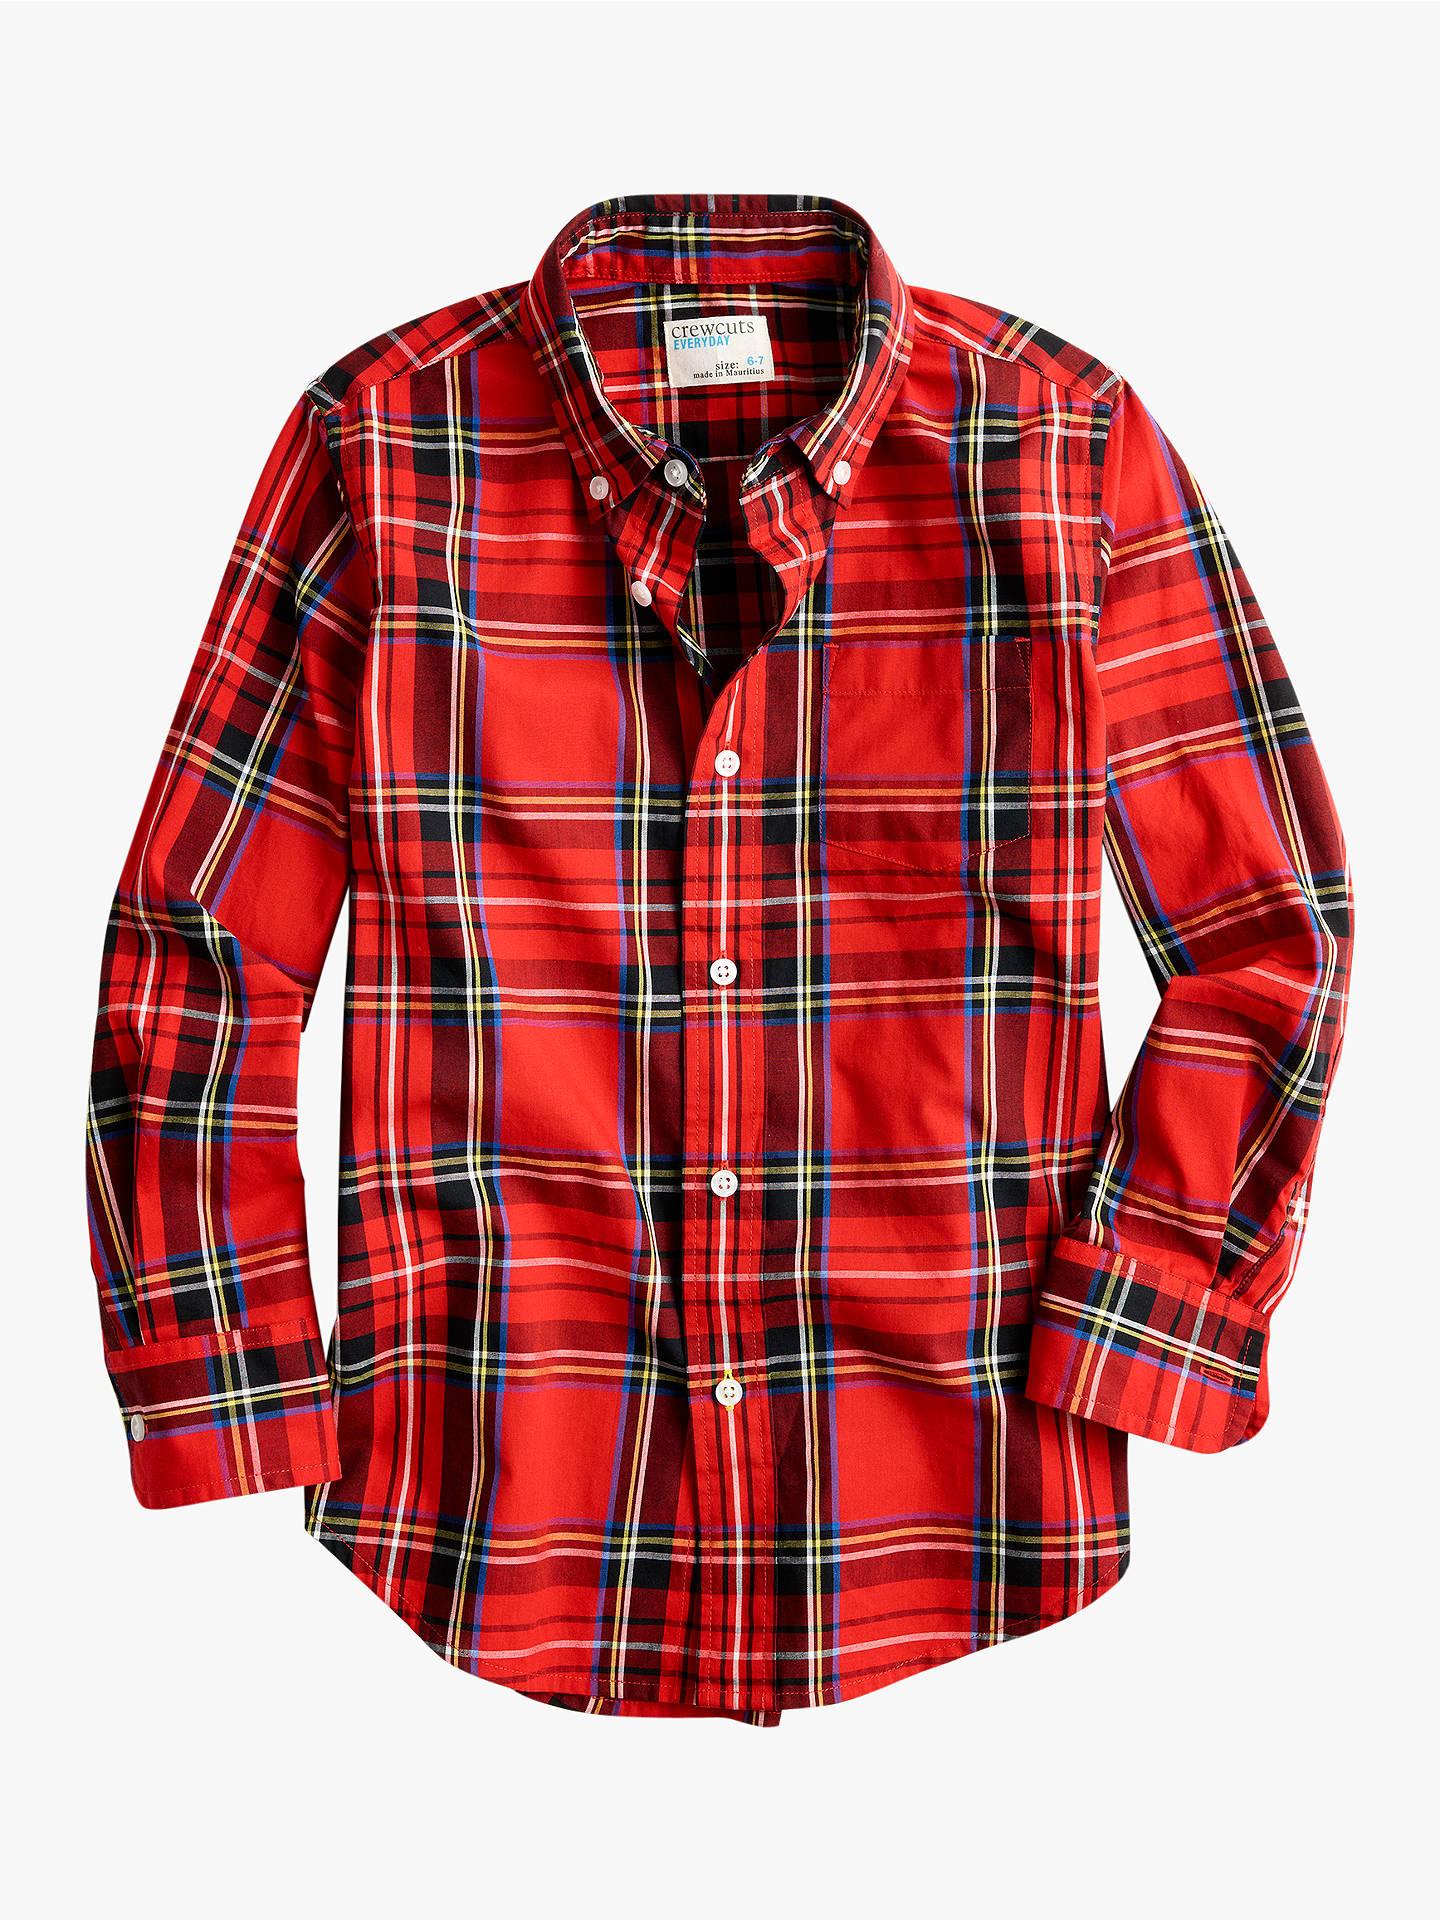 f6005185e3d Buycrewcuts by J.Crew Boys  Plaid Shirt